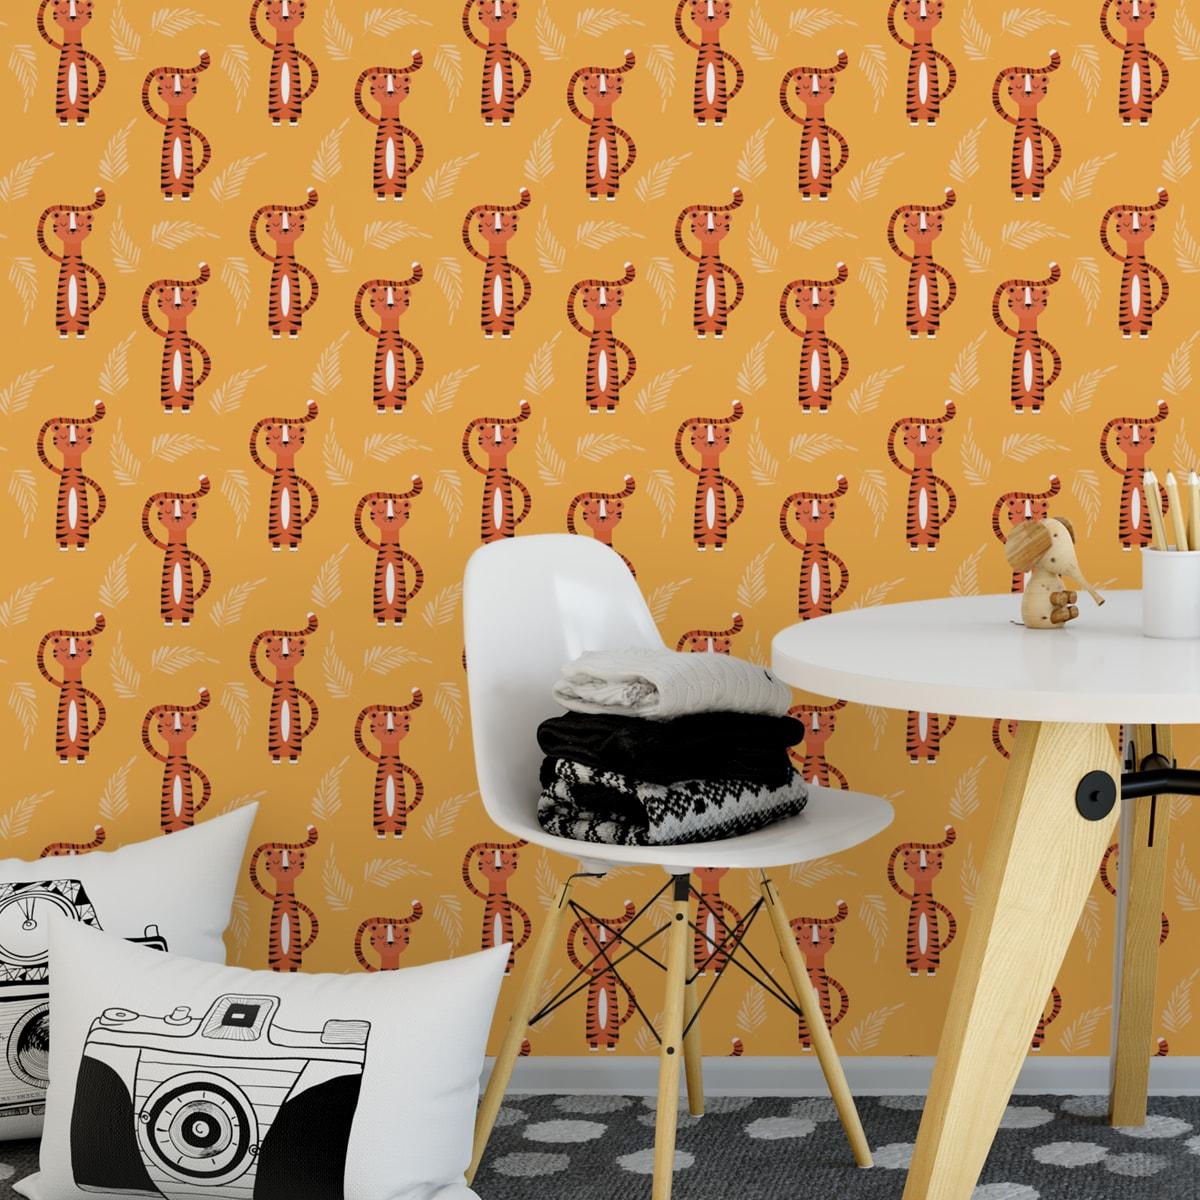 Jugend Tapete gelb: Trendige Kinder Jugend Tapete mit lustigem Sieger Tiger auf gelb angepasst an Ikea Wandfarben- Vliestapete Tiere